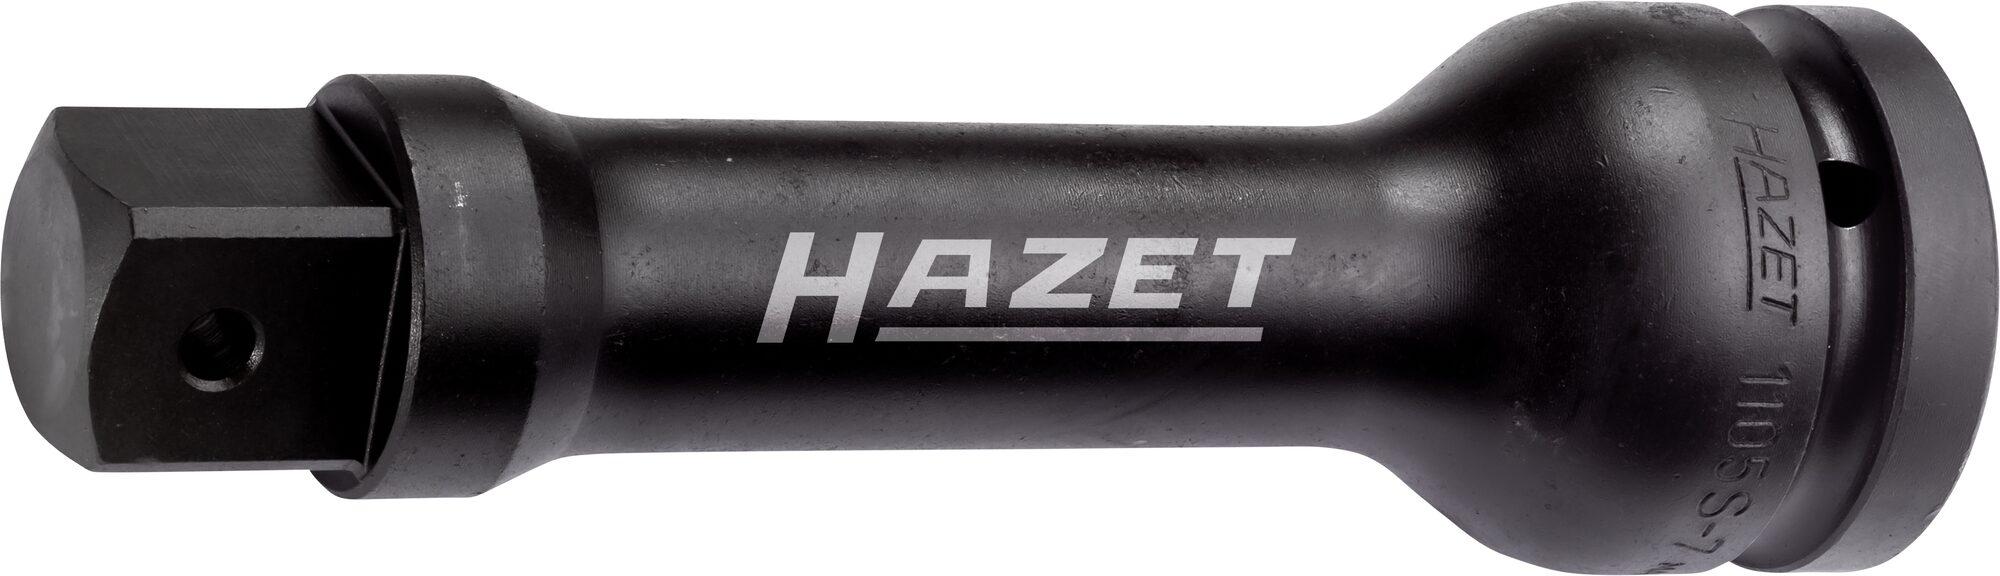 HAZET Schlag- ∙ Maschinenschrauber Verlängerung 1105S-13 ∙ Vierkant hohl 25 mm (1 Zoll) ∙ Vierkant massiv 25 mm (1 Zoll)